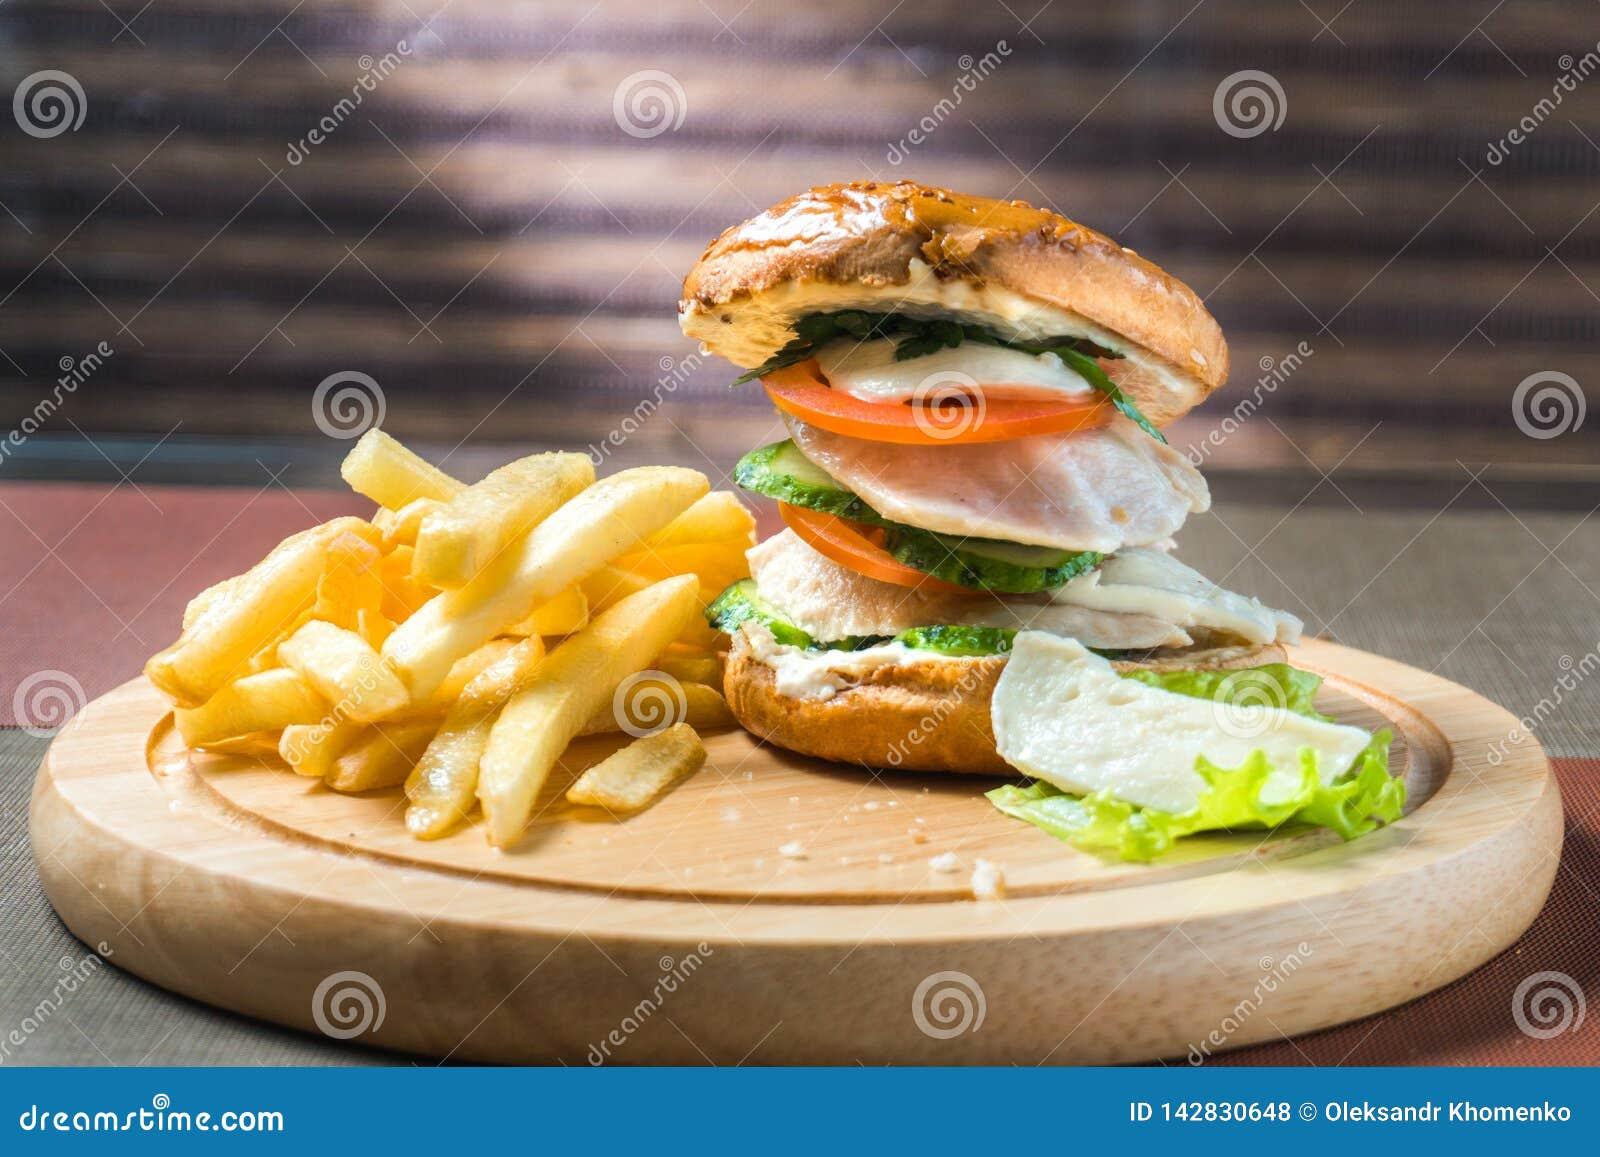 Patatas fritas y hamburguesa de la pechuga de pollo